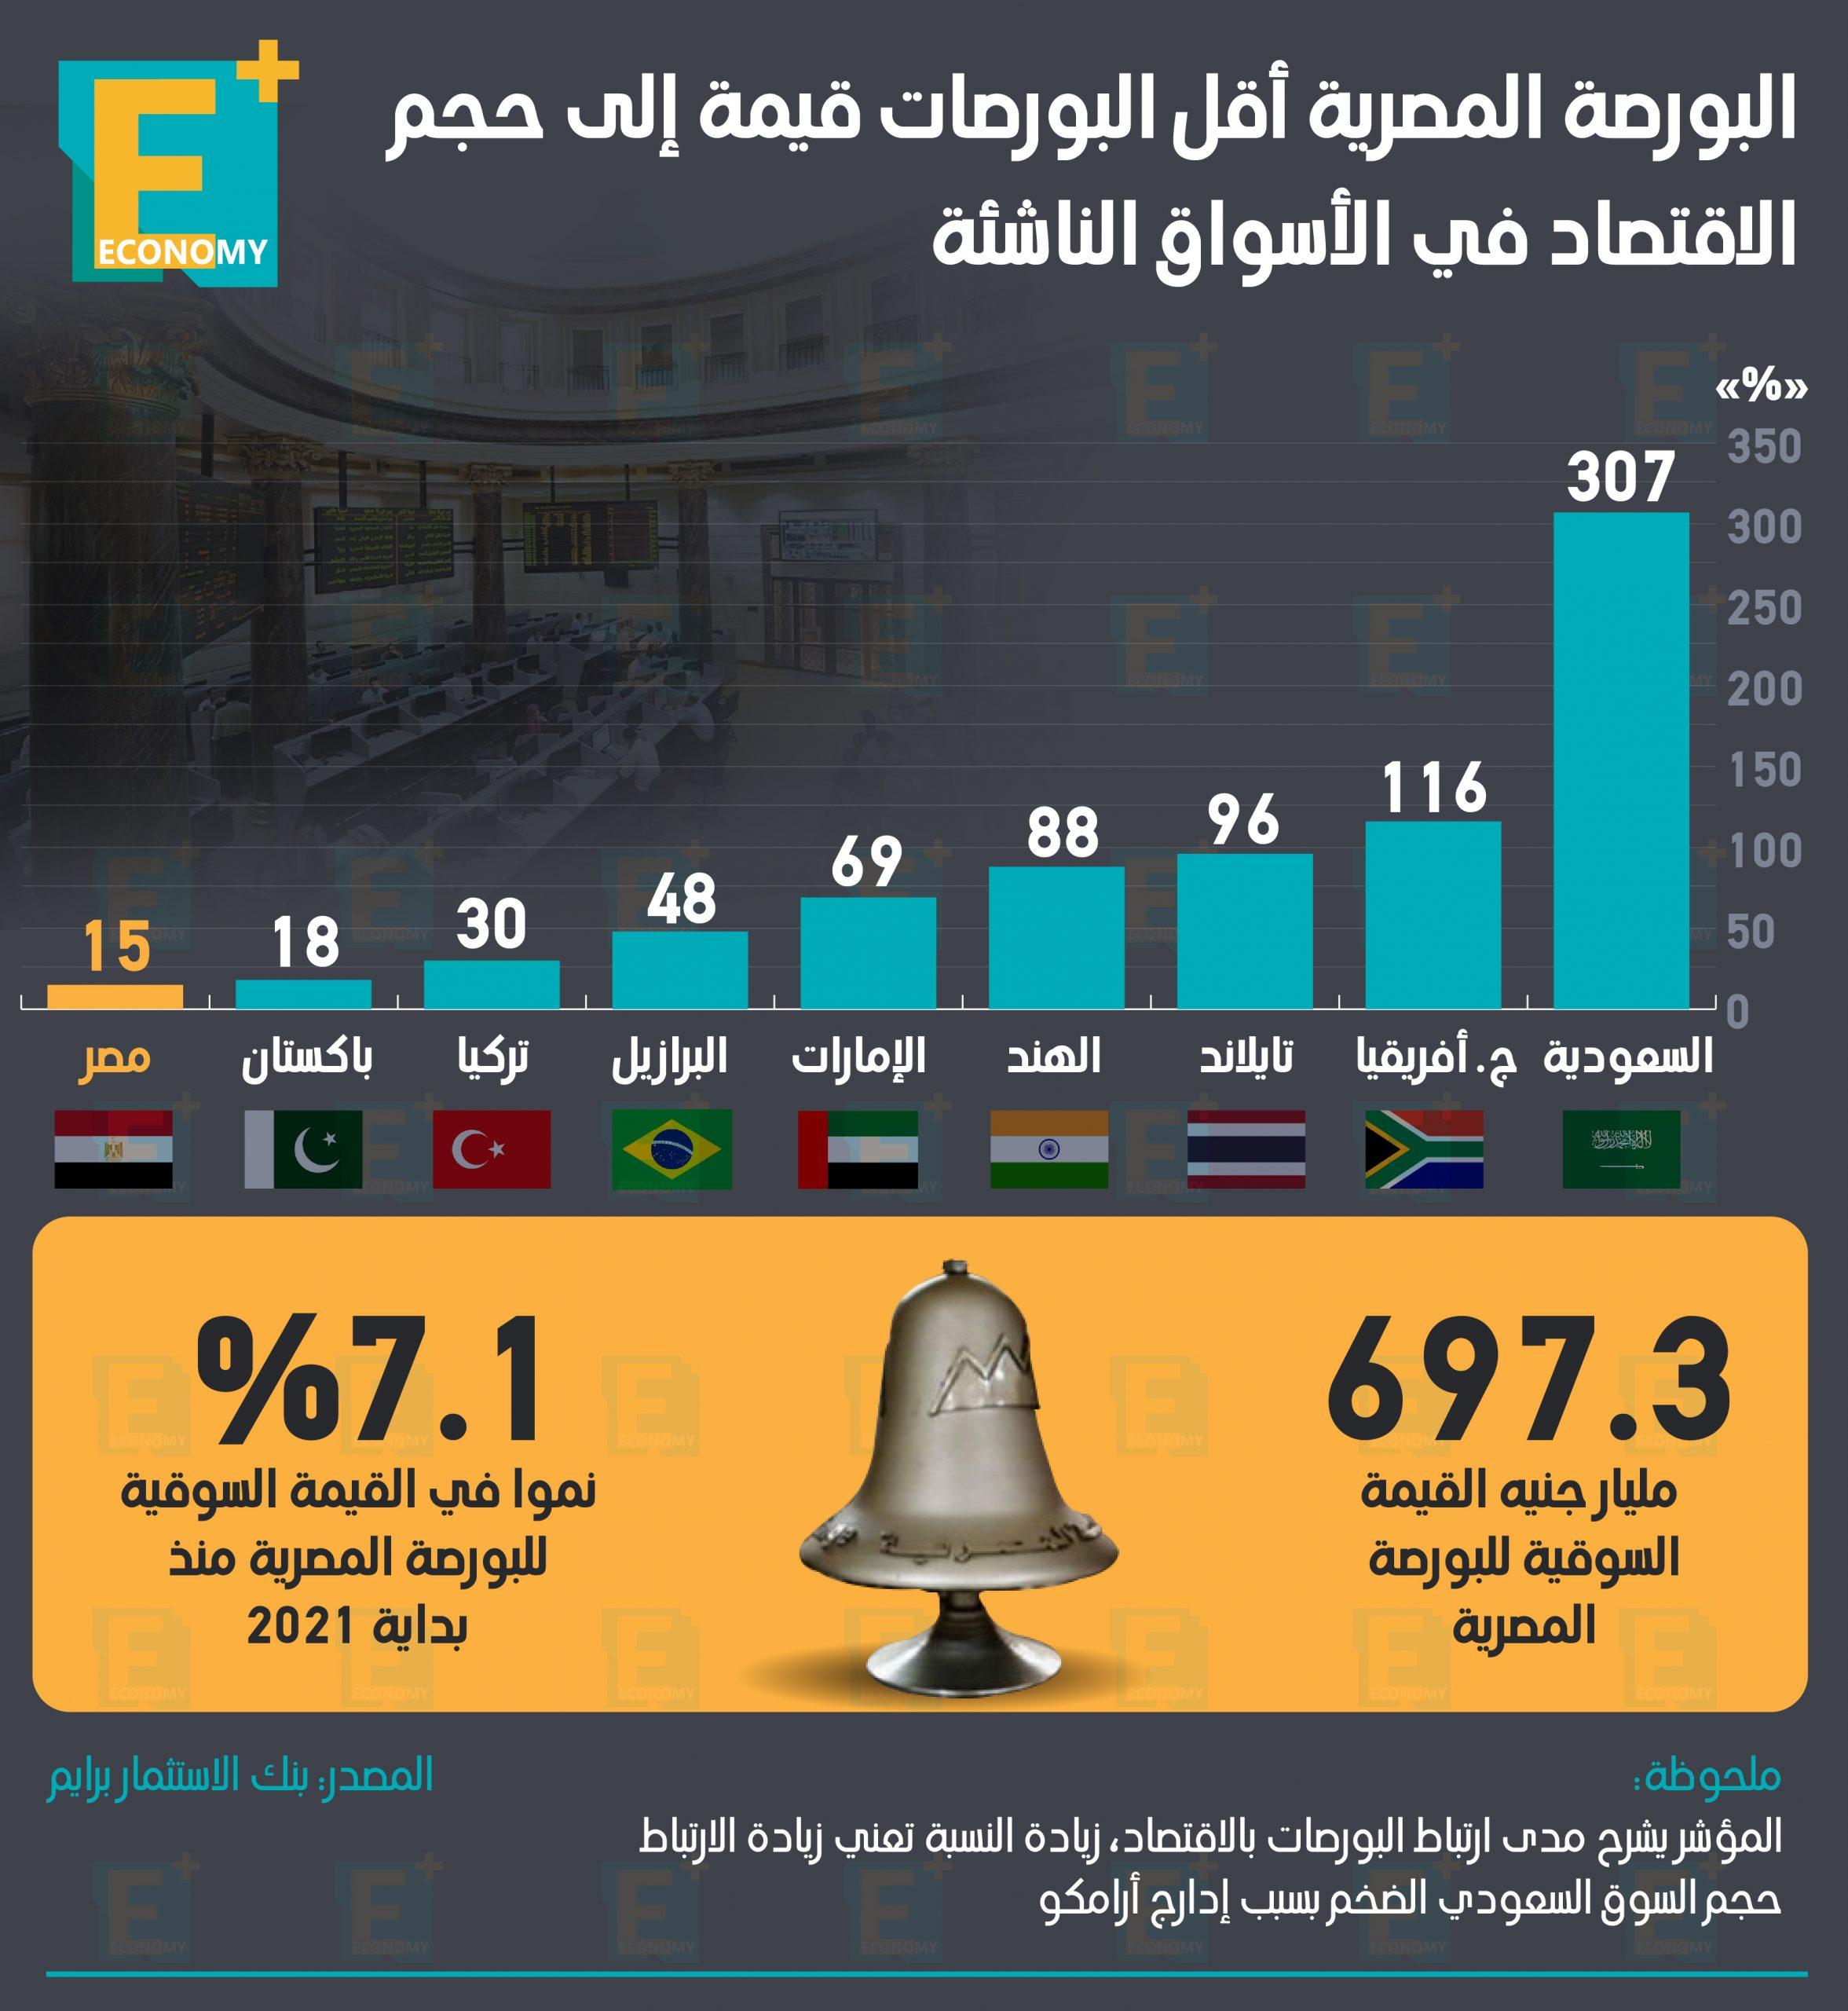 البورصة المصرية أقل البورصات قيمة إلى حجم الاقتصاد في الأسواق الناشئة